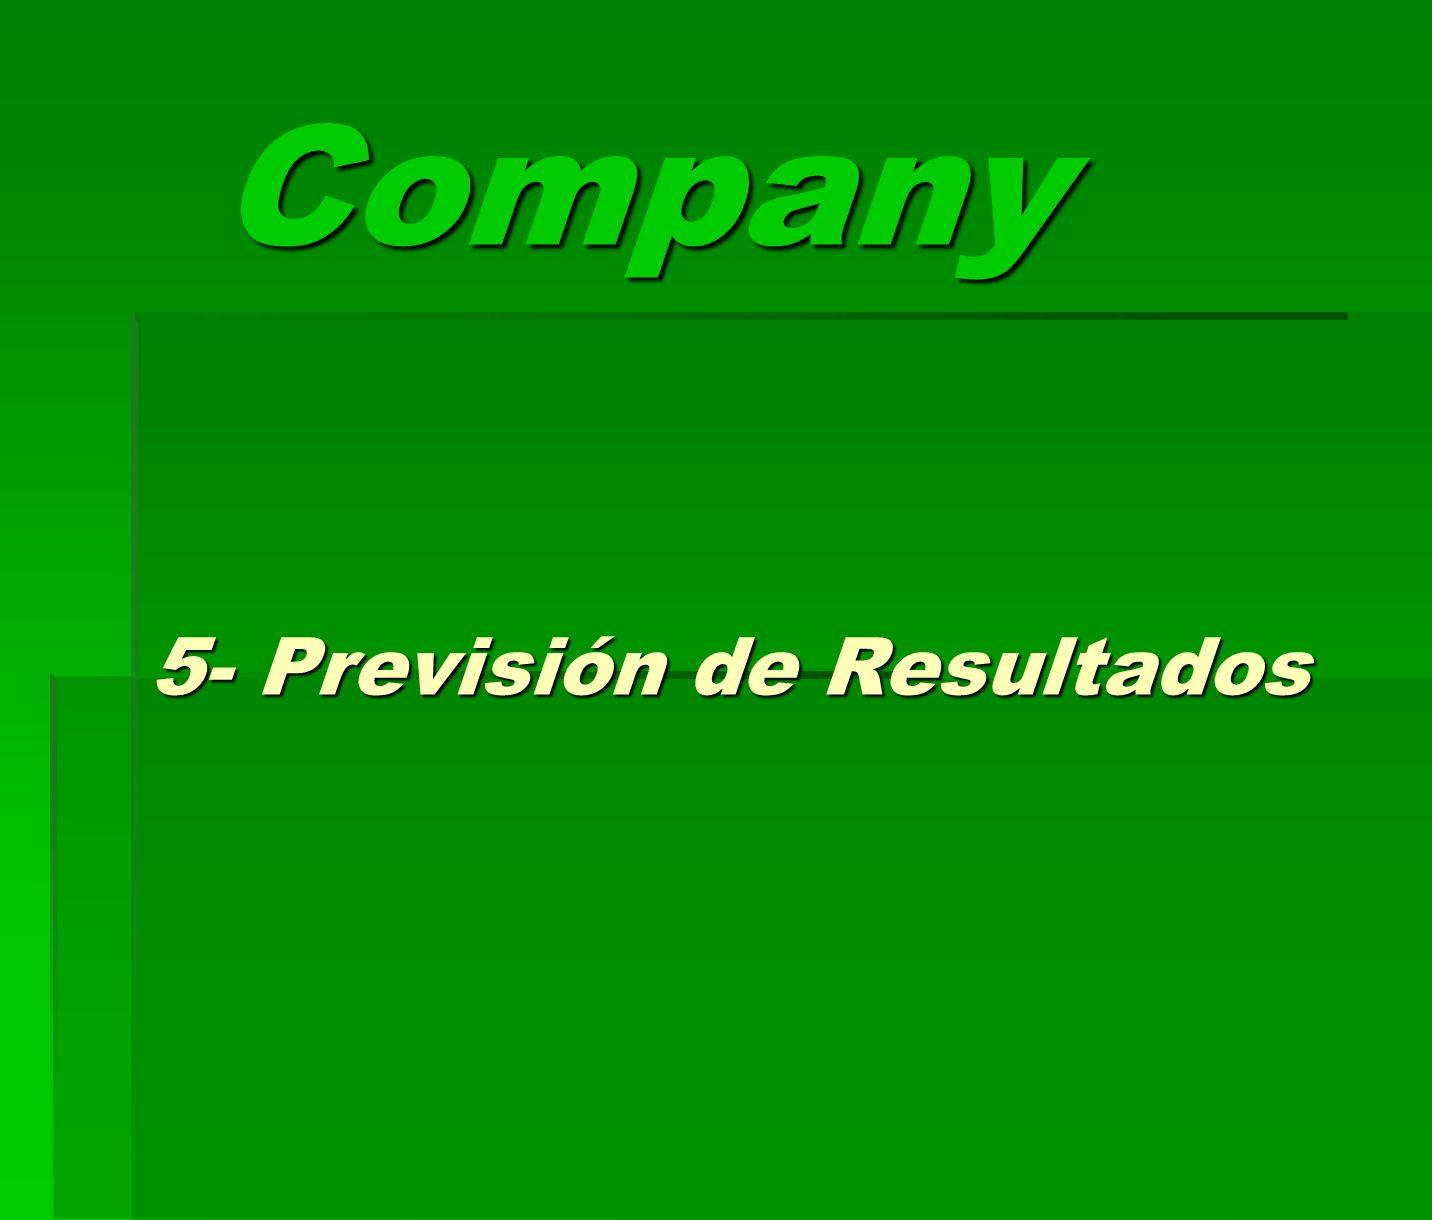 5- Previsión de Resultados